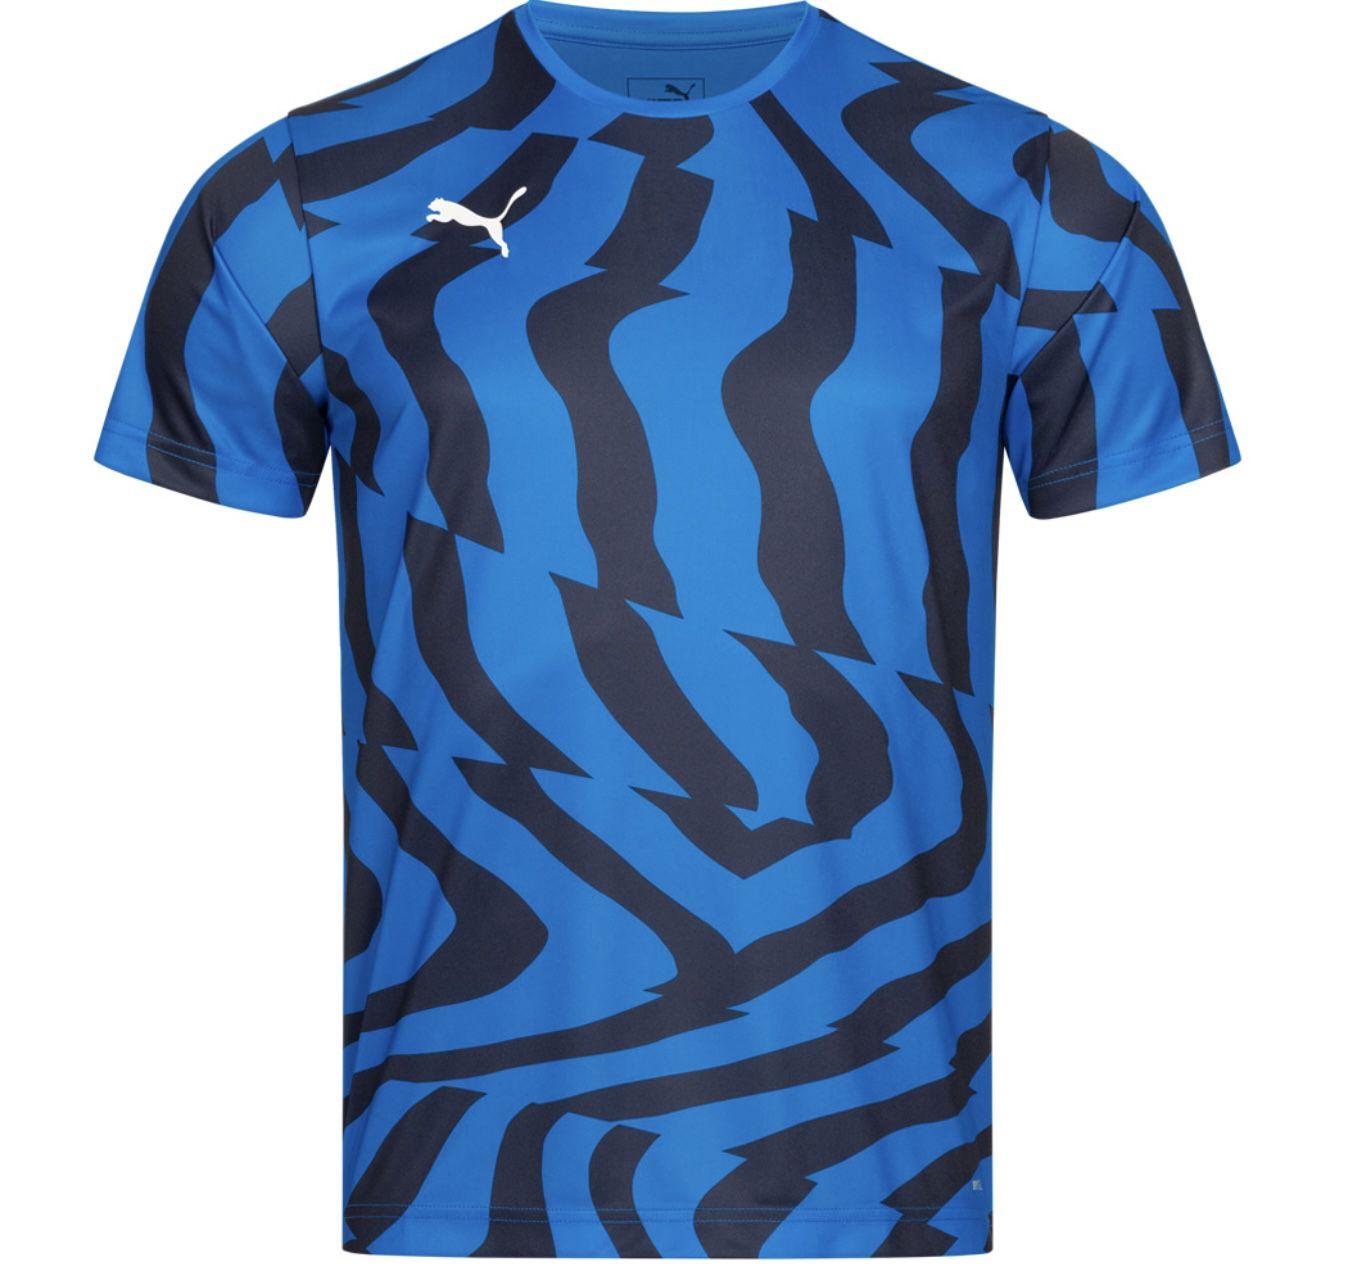 PUMA Cup Core Herren Trainings Trikot in versch. Farben für 13,94€ (statt 17€)